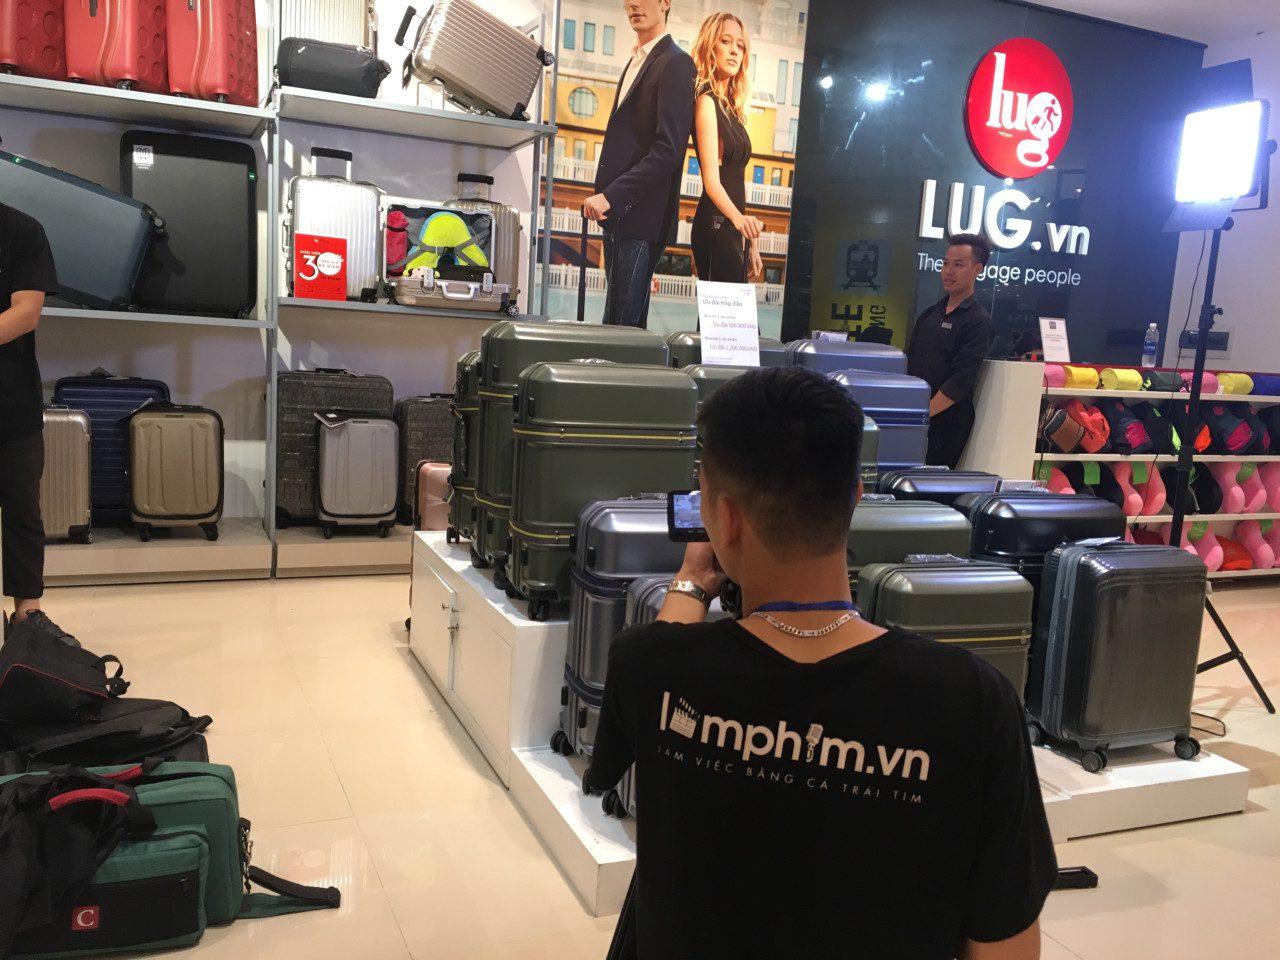 Hậu trường sản xuất TVC quảng cáo Vali thương hiệu LUG.VN